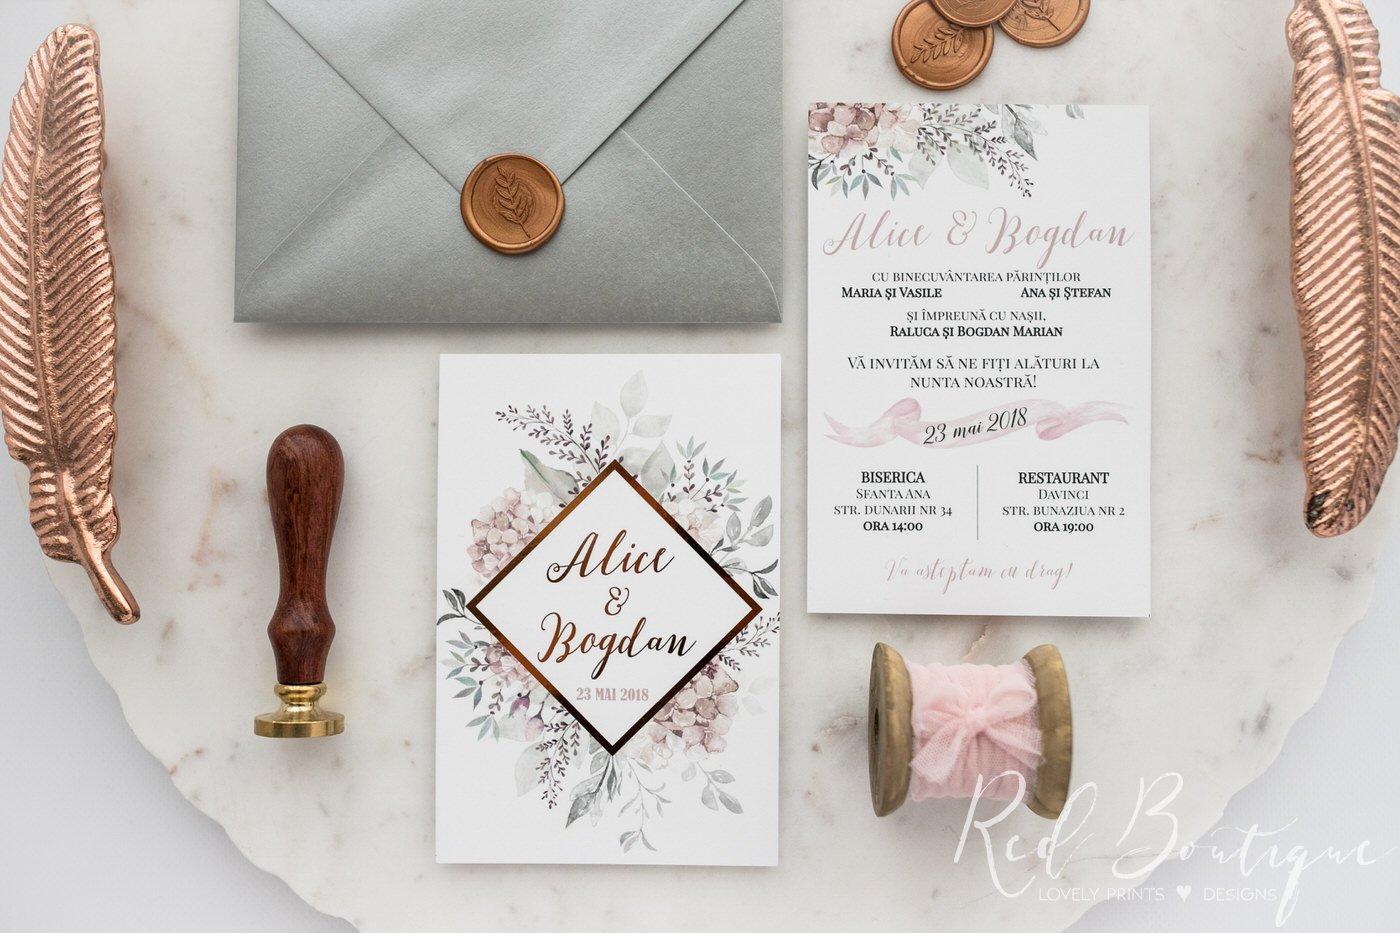 invitatie moderna cu sigiliu si scris rose gold cu model geometric si verdeata